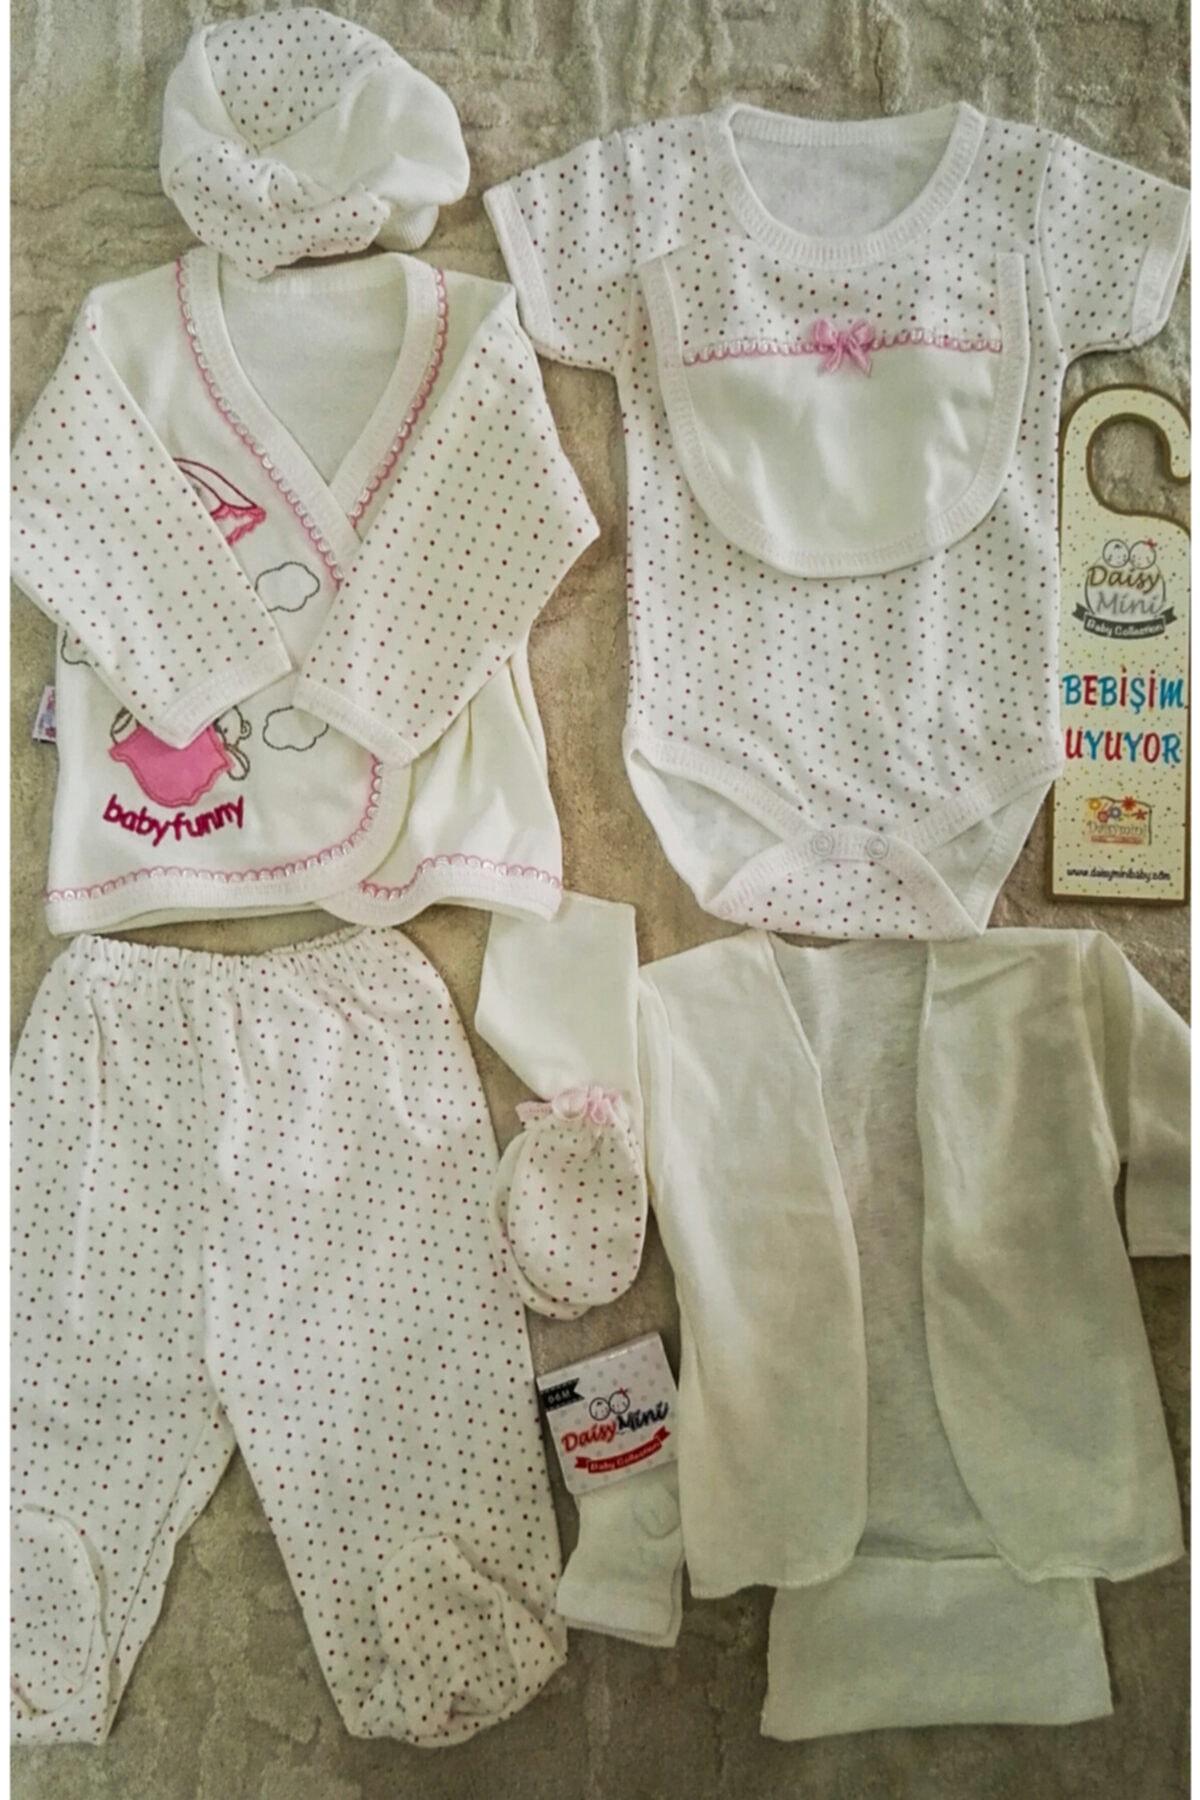 Daisymini Kız Bebek Kutulu Hastane Çıkış Zıbın Yenidoğan Seti Hçzs 1